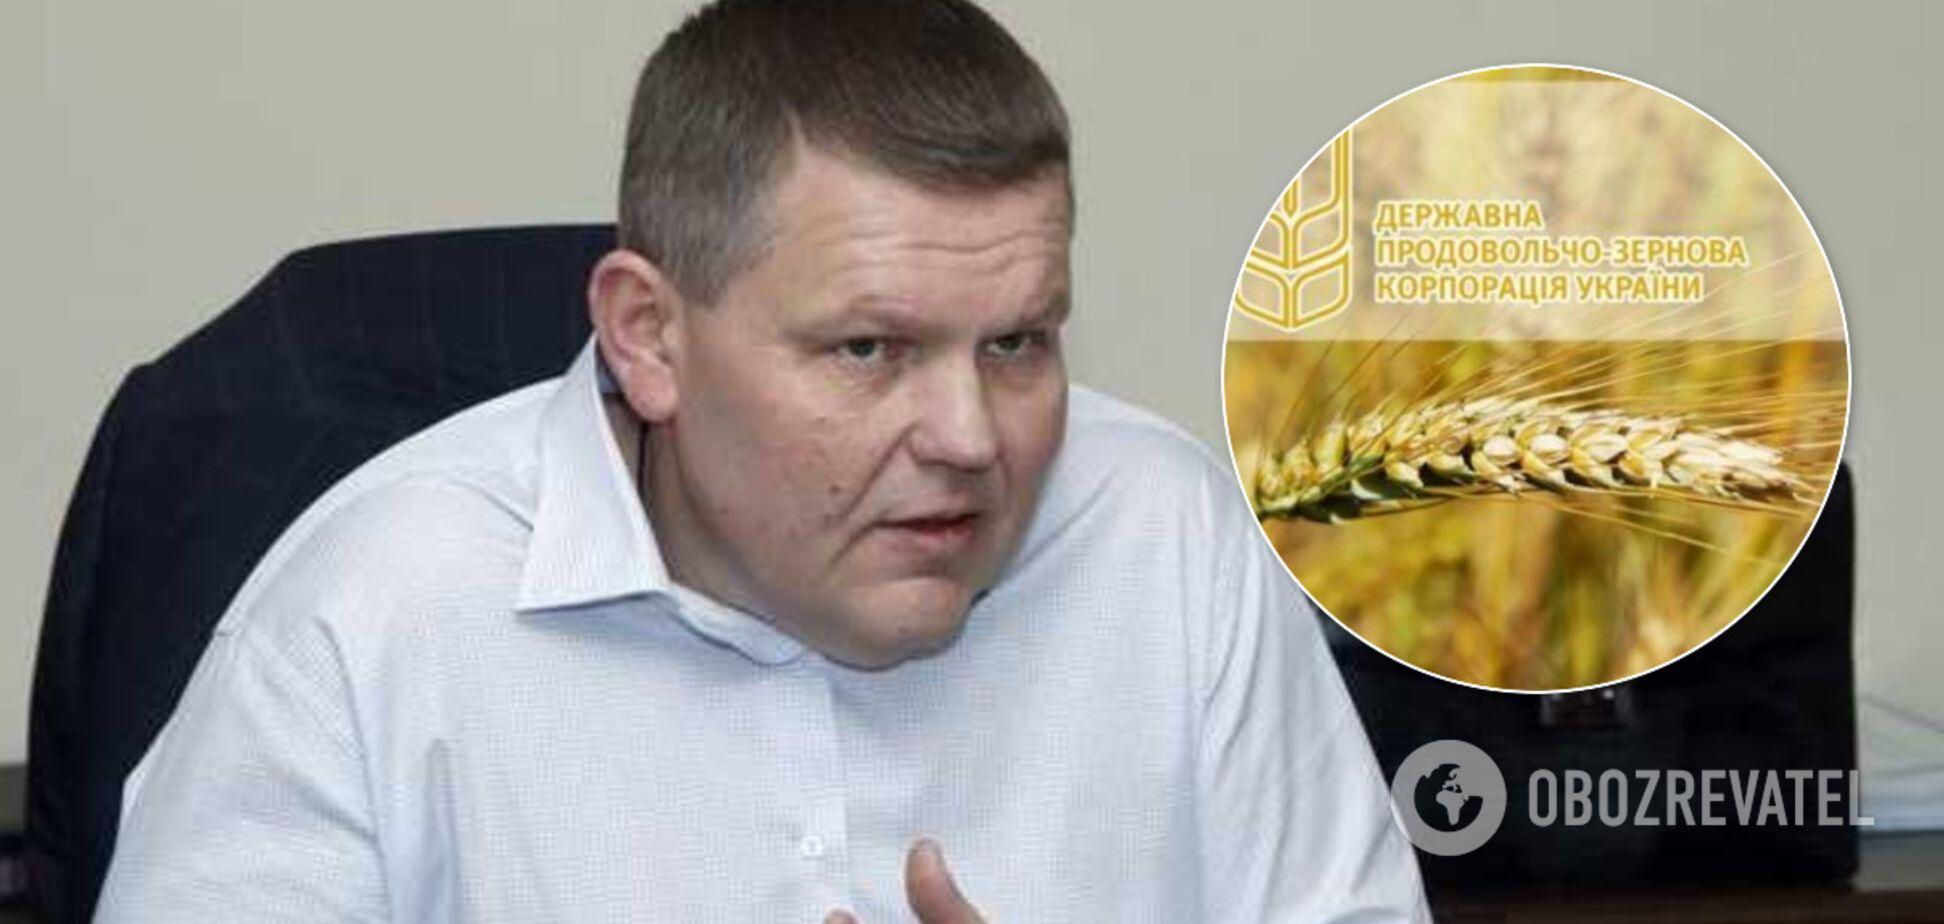 Давыденко возглавлял крупную зерновую корпорацию: журналист раскрыл коррупционные подробности